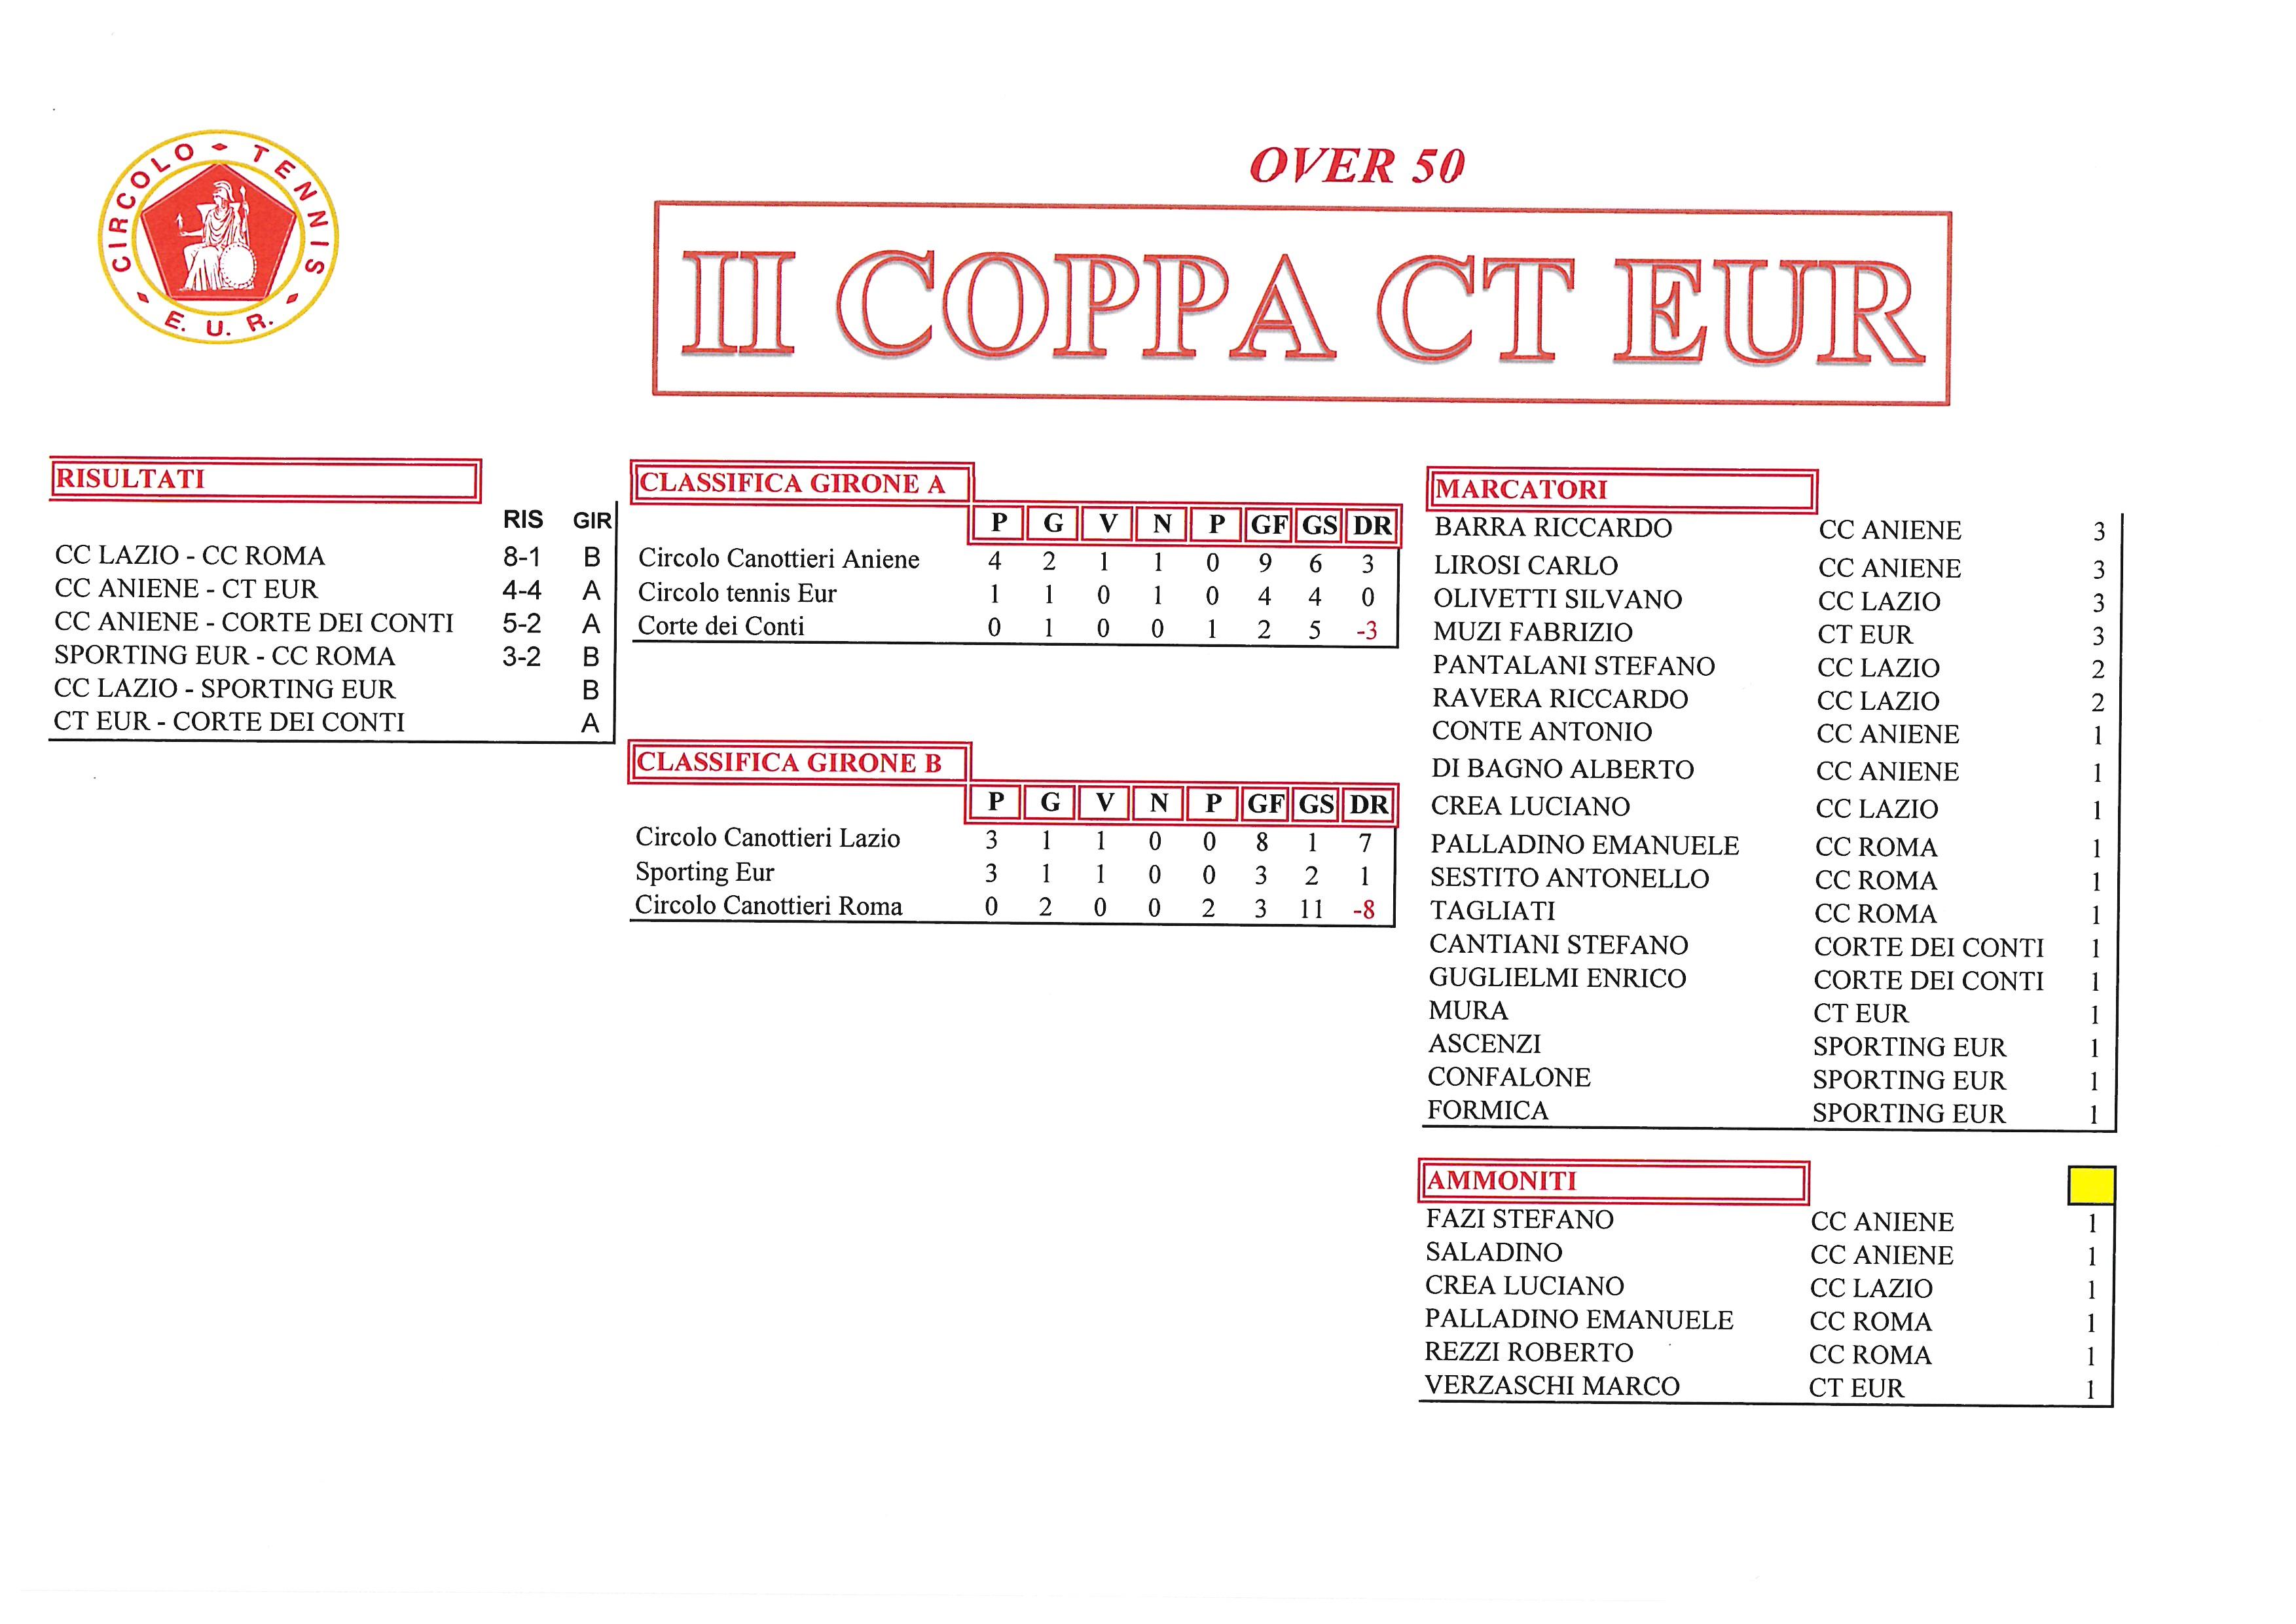 Coppa-CT-Eur-risultati-del-29-settembre-2017-Over-50